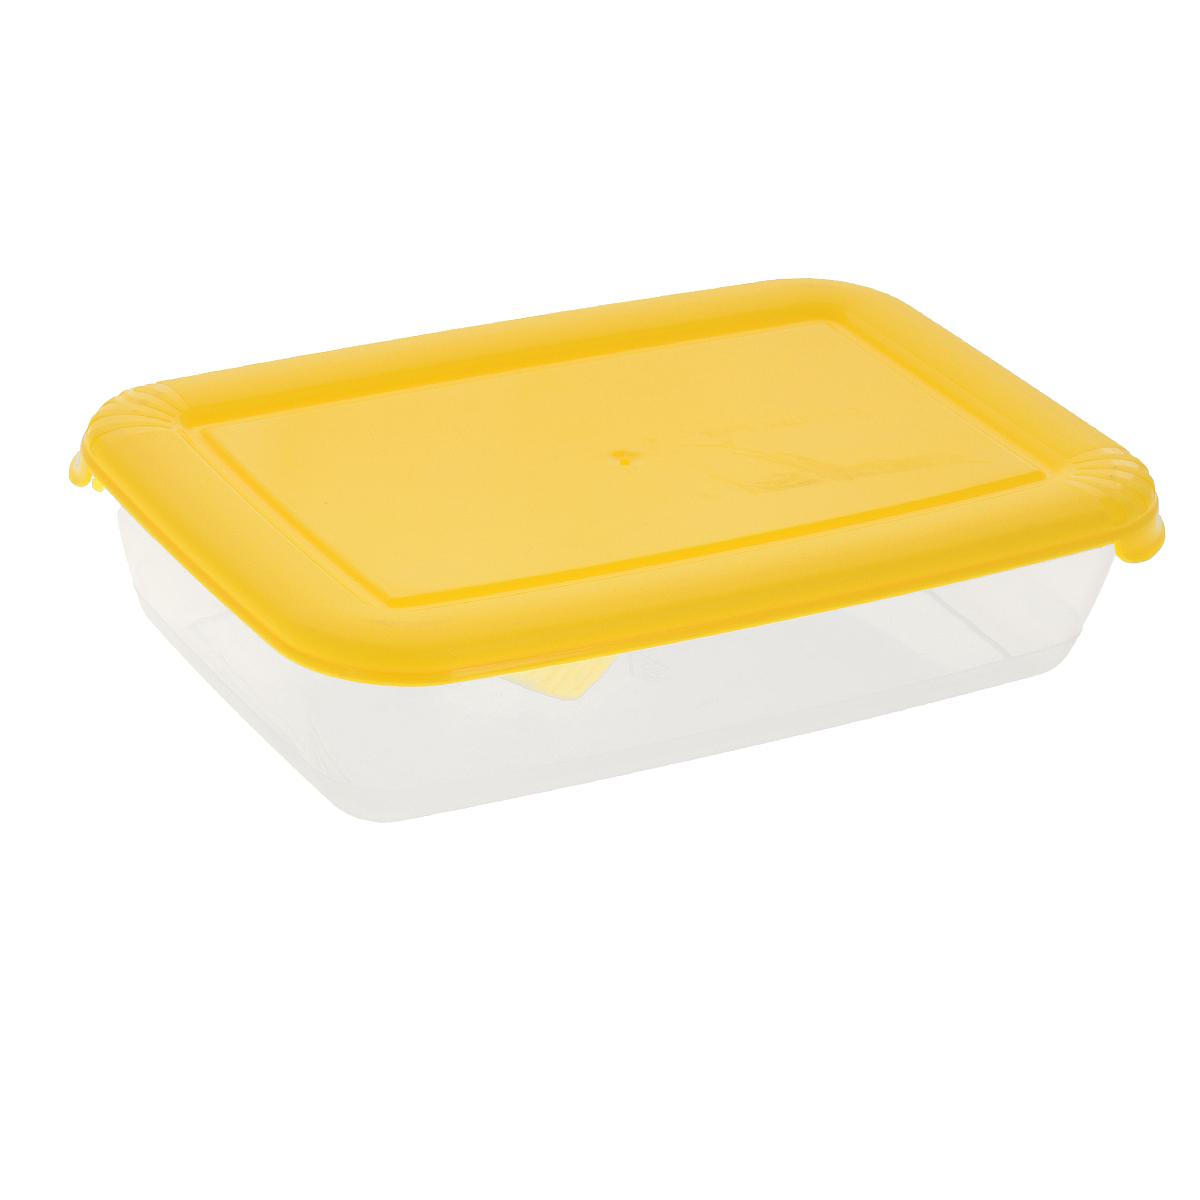 Контейнер для СВЧ Полимербыт Лайт, цвет: желтый, 0,45 лС551Квадратный контейнер для СВЧ Полимербыт Лайт изготовлен из высококачественного прочного пластика, устойчивого к высоким температурам (до +120°С). Крышка плотно и герметично закрывается, дольше сохраняя продукты свежими и вкусными. Контейнер идеально подходит для хранения пищи, его удобно брать с собой на работу, учебу, пикник или просто использовать для хранения продуктов в холодильнике. Подходит для разогрева пищи в микроволновой печи и для заморозки в морозильной камере (при минимальной температуре -40°С). Можно мыть в посудомоечной машине.